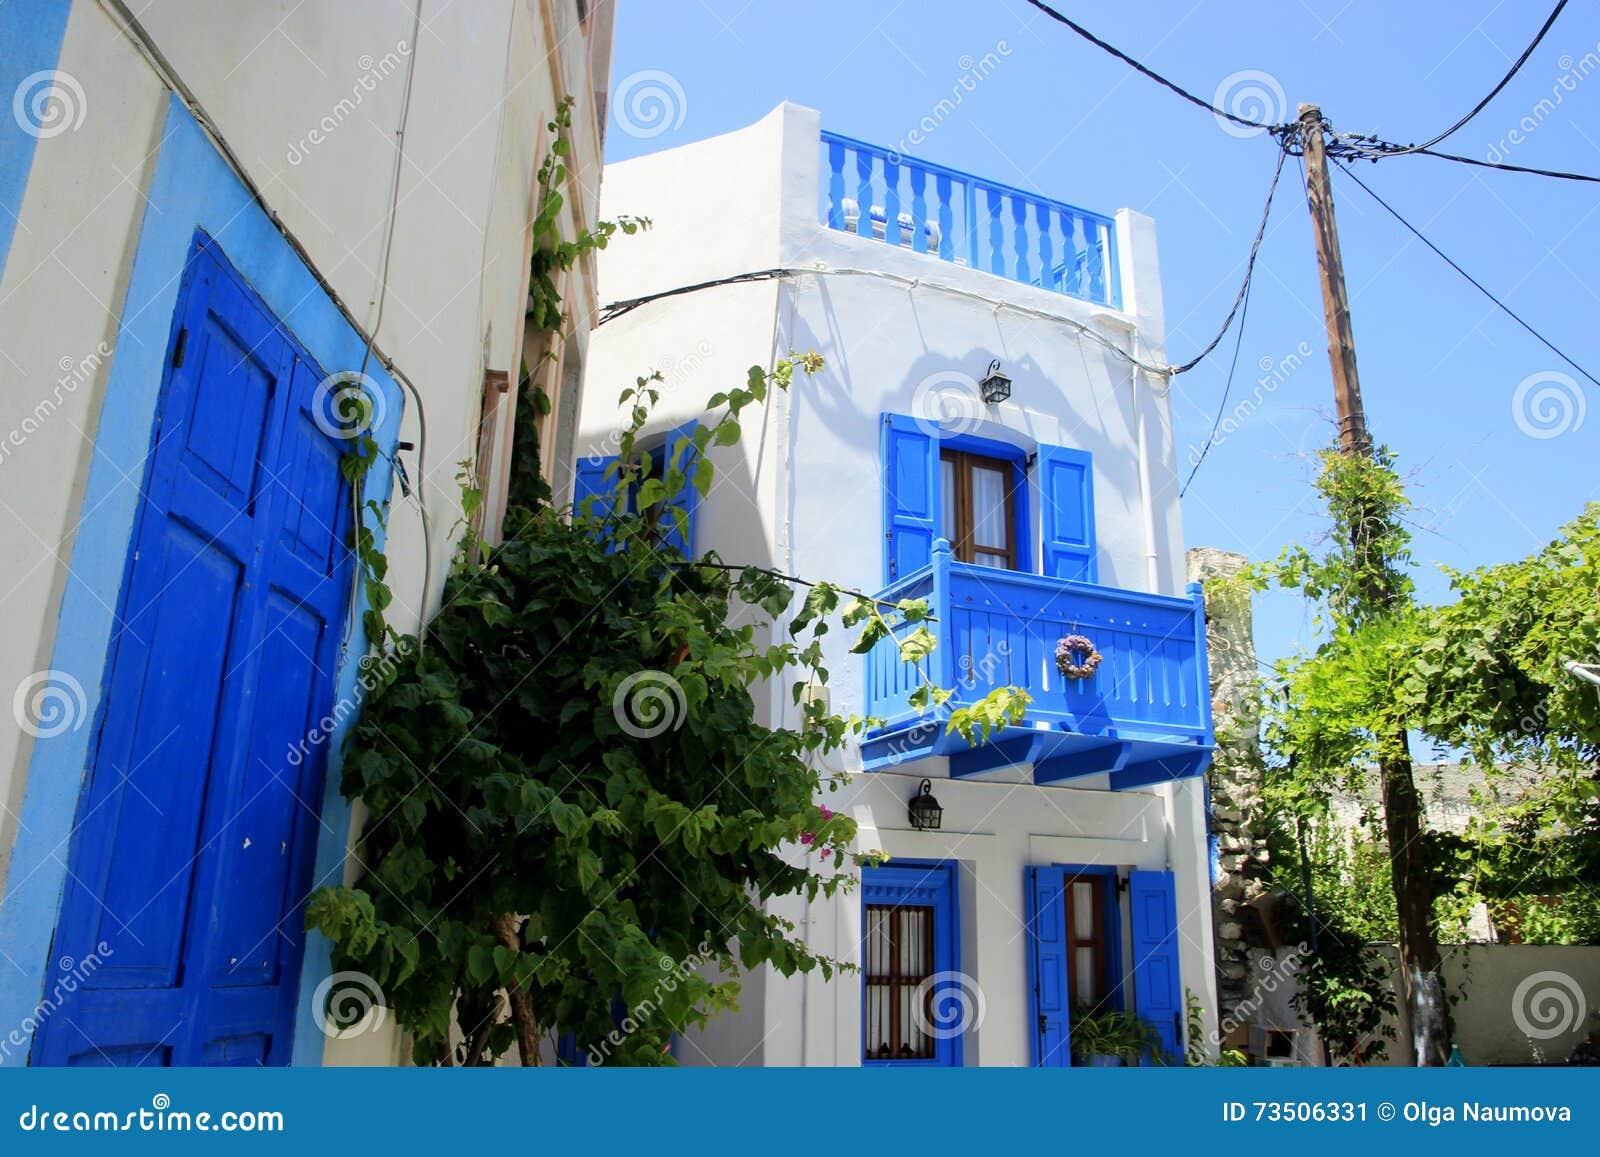 Casas griegas blancas en la isla de nisyros imagen de for Casas en islas griegas